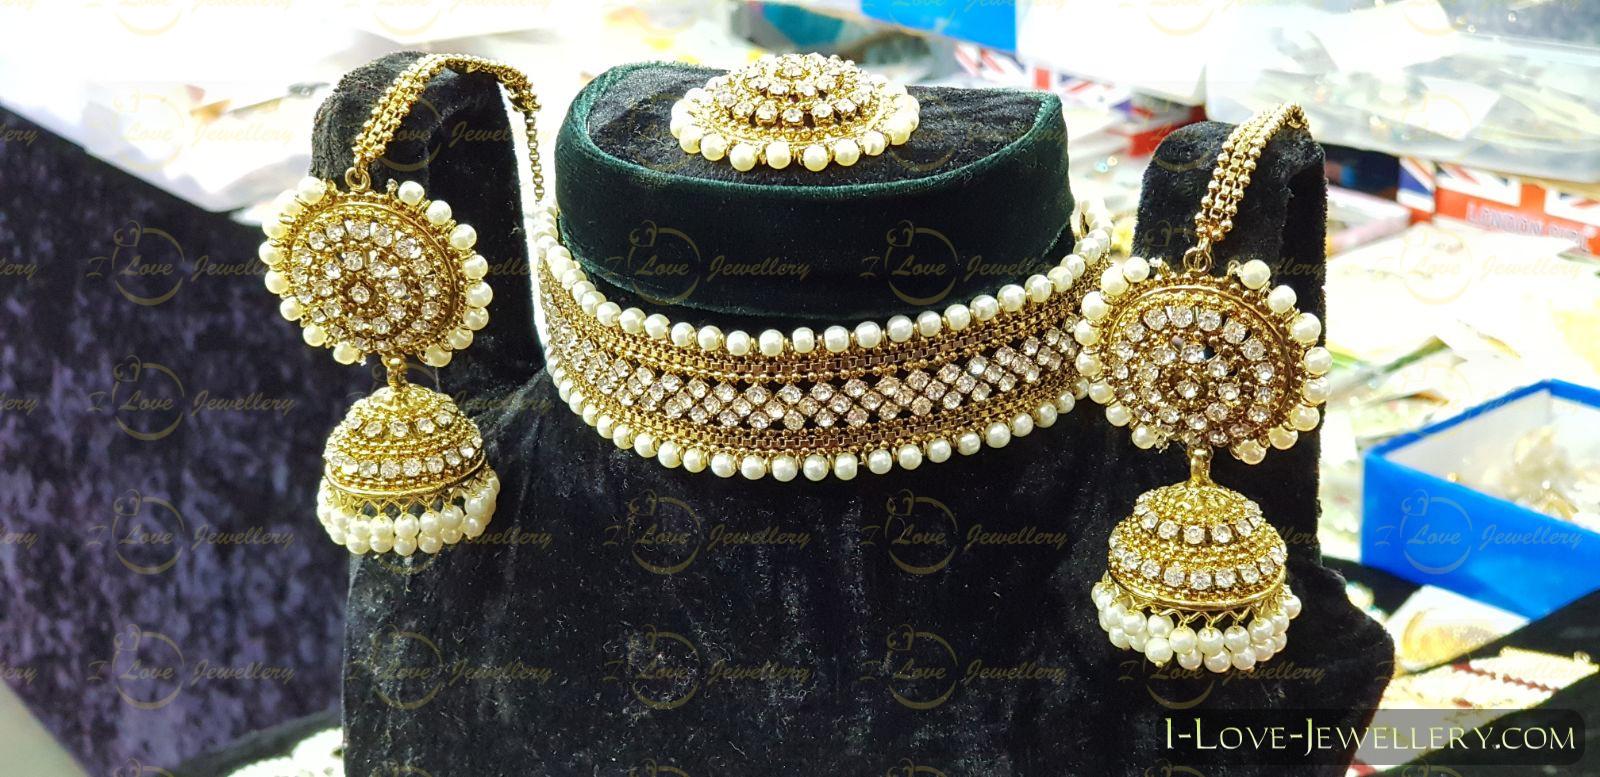 Pakistani choker - pearl choker - champagne choker - silver choker - mehndi choker - bridal chokers - wedding choker necklace- golden choker - wholesale Pakistani jewellery - bespoke Pakistani jewellery